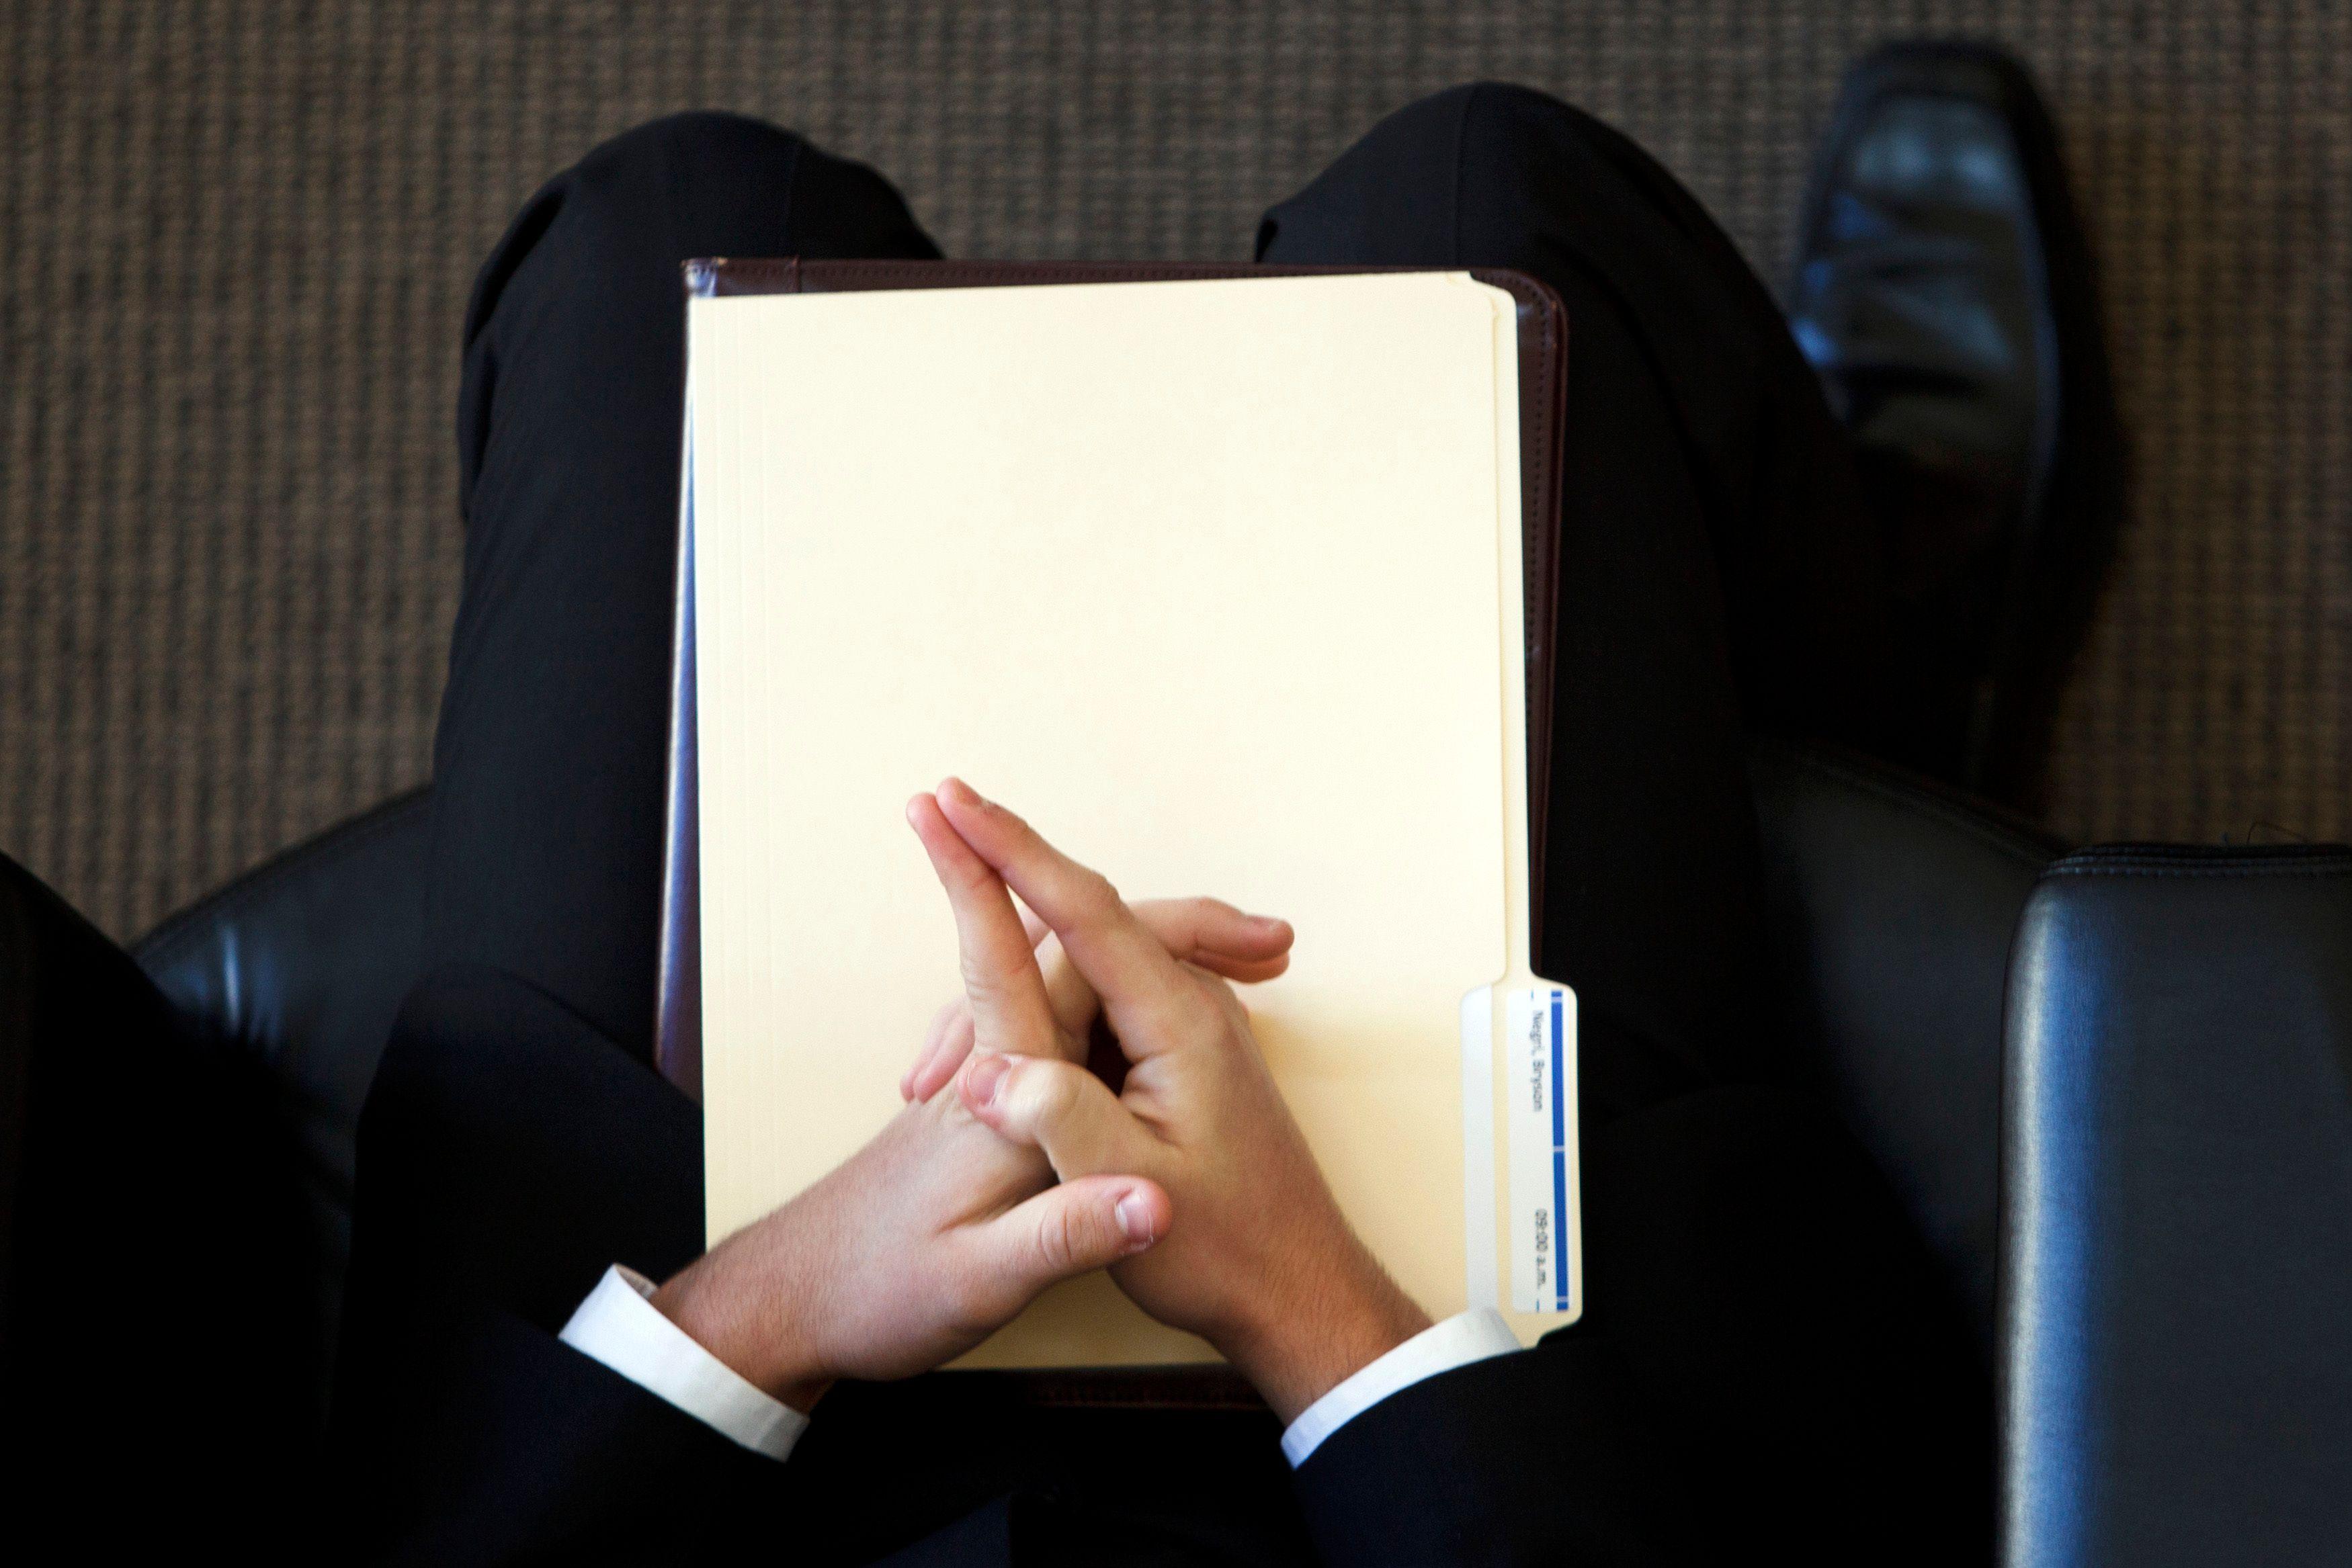 Entretiens d'embauche: 15 questions qu'il ne faut surtout pas poser à la fin du premier rendez-vous